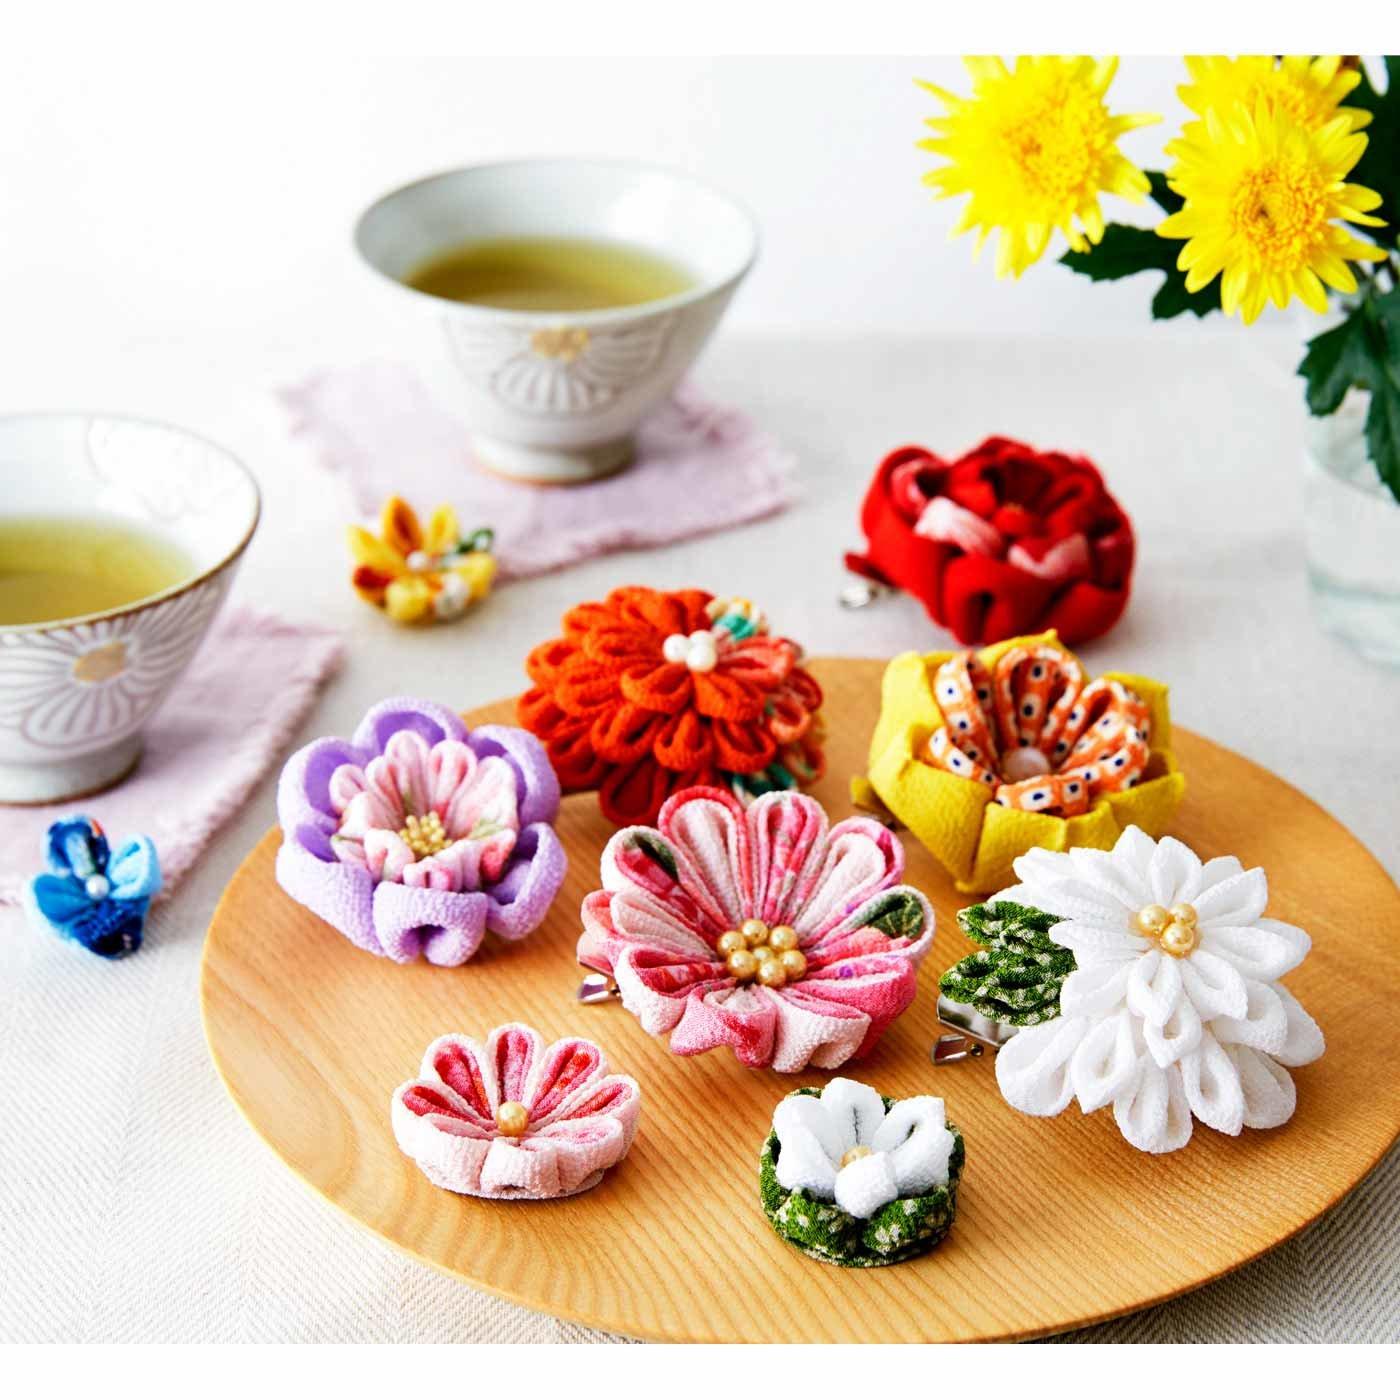 ちりめんで形にする和の趣 四季折々つまみ細工のお花の会